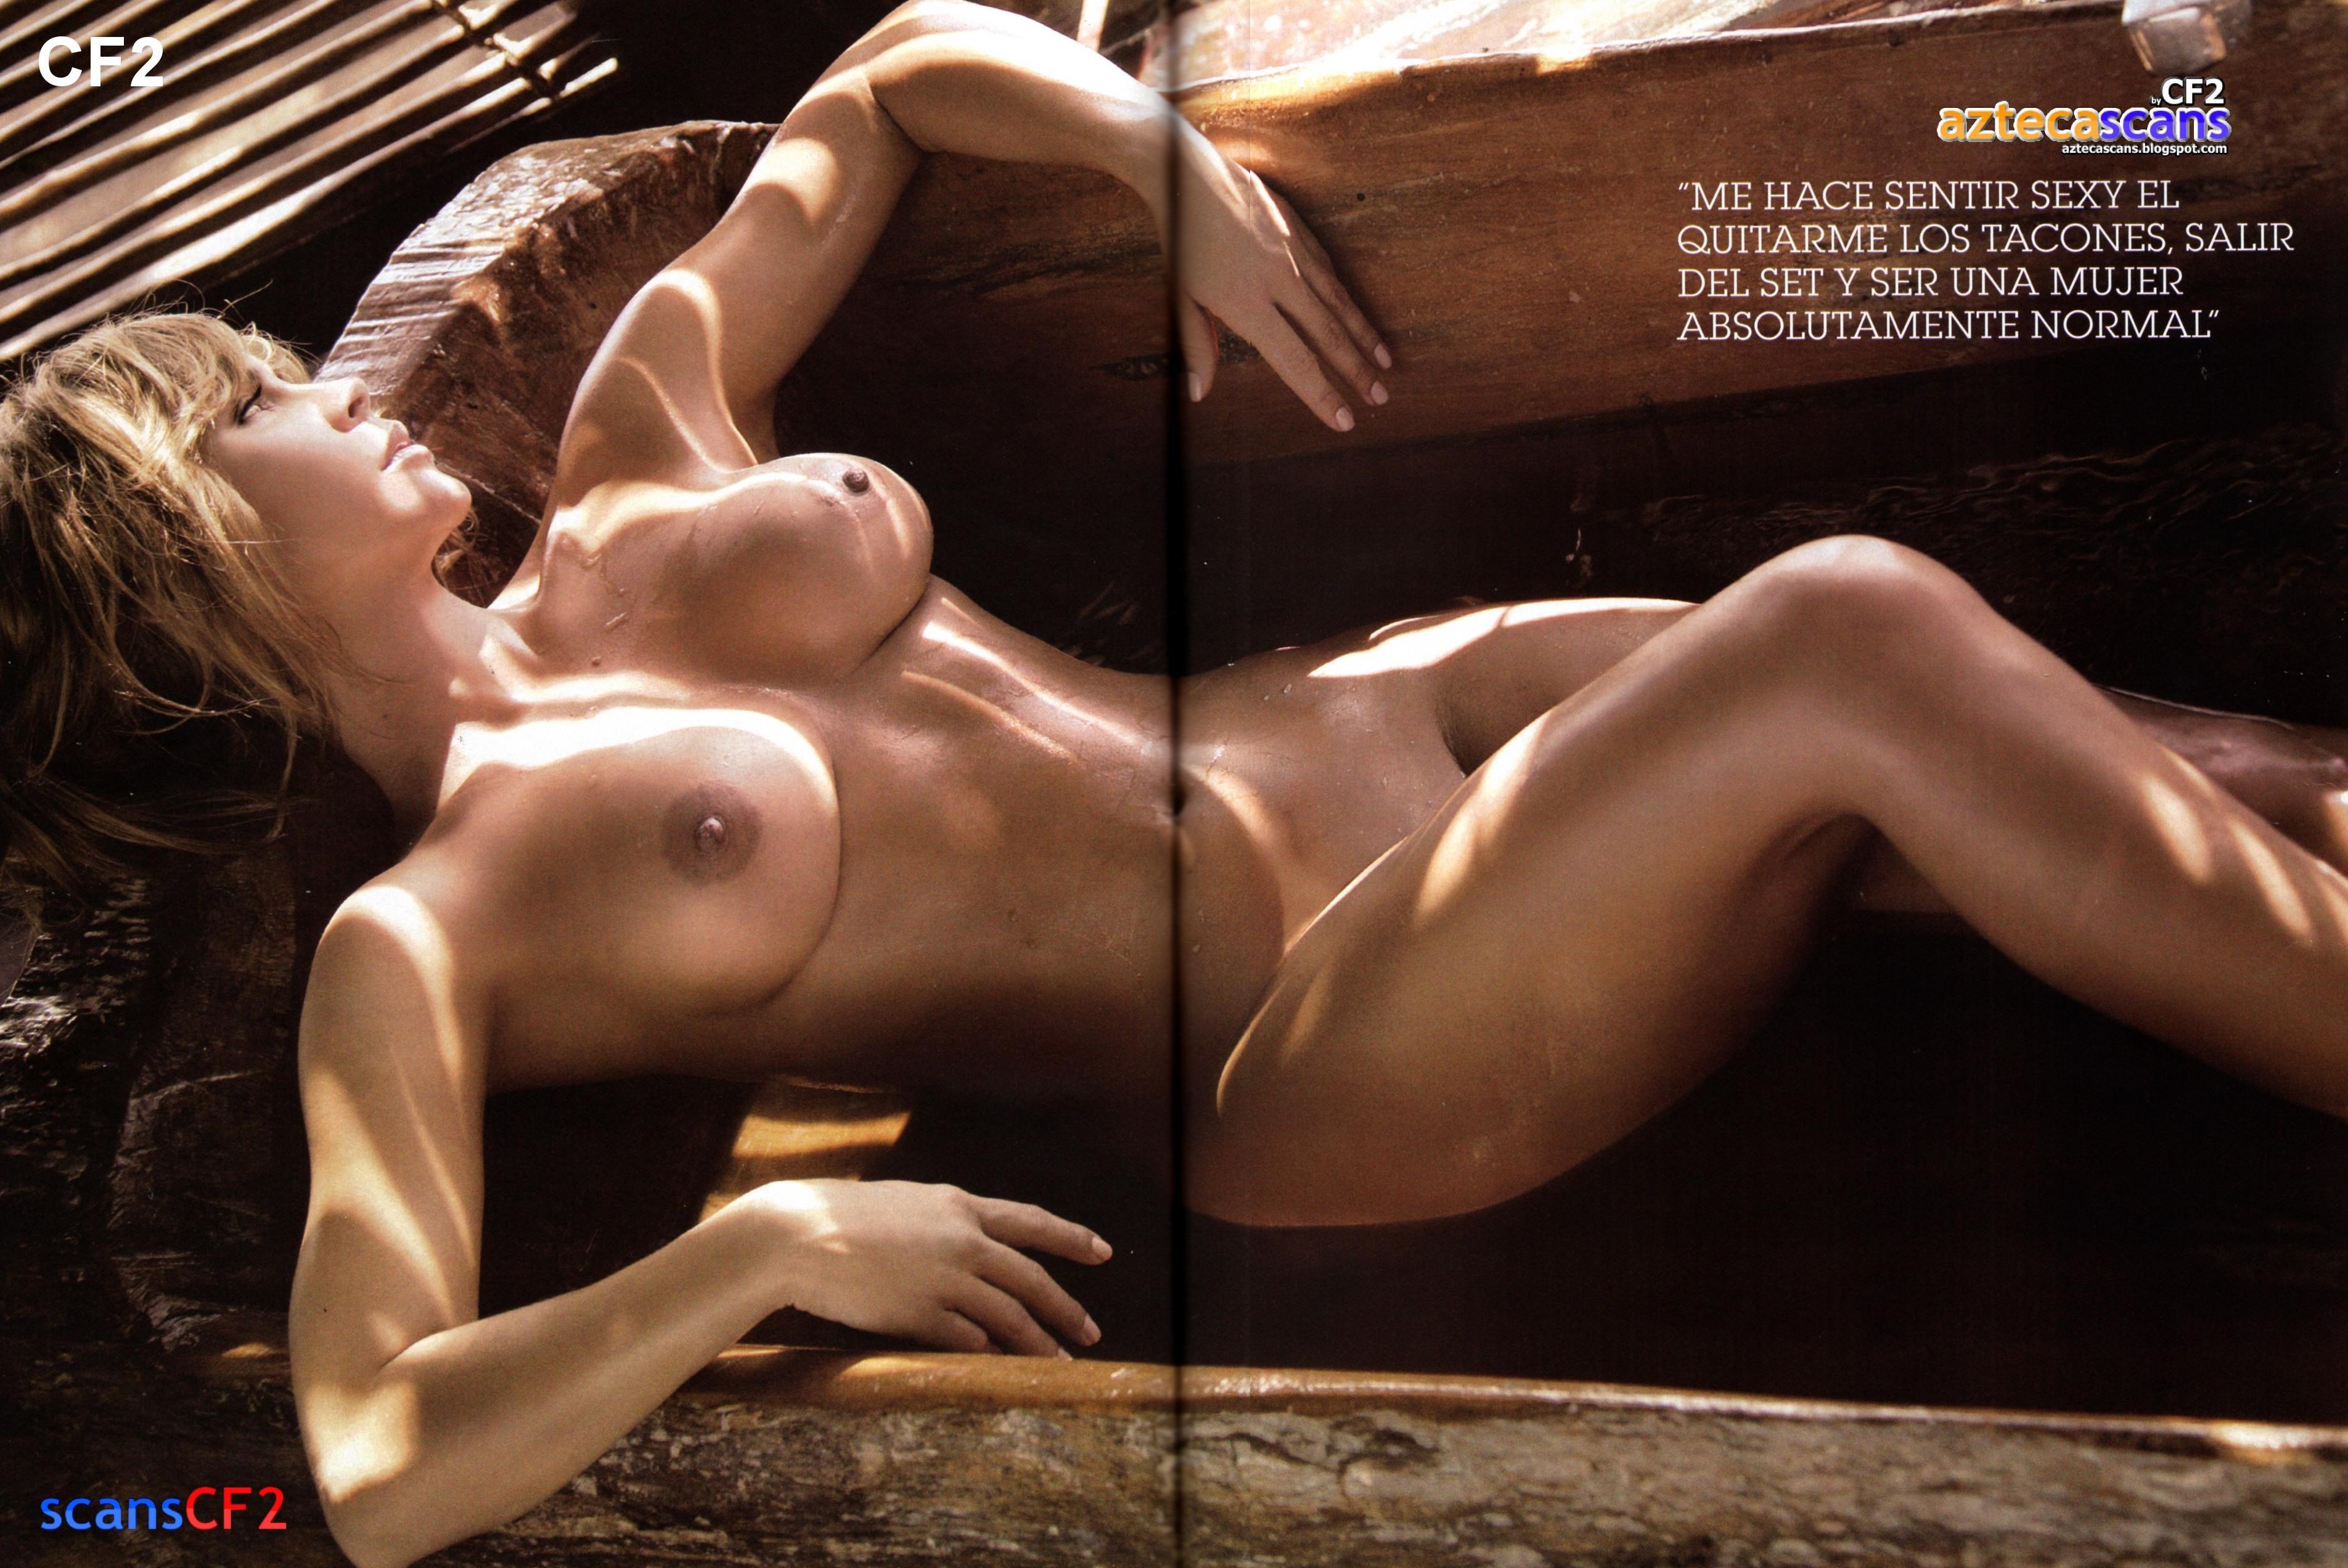 Naked pics of aylin mujica — pic 6